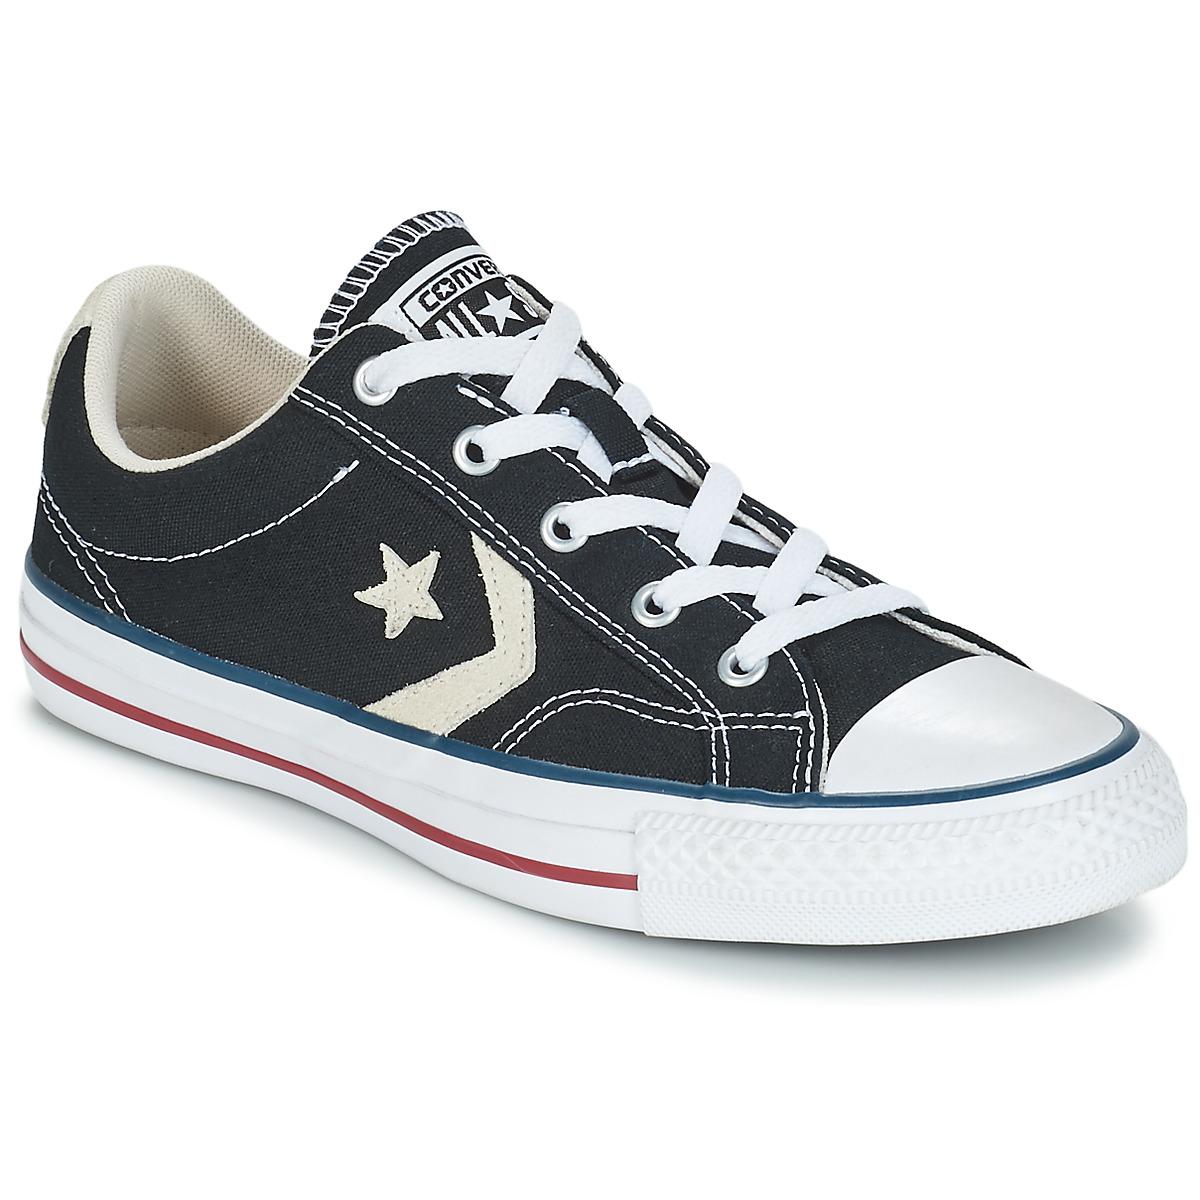 Converse STAR PLAYER OX Schwarz - Kostenloser Versand bei Spartoode ! - Schuhe Sneaker Low  51,99 €